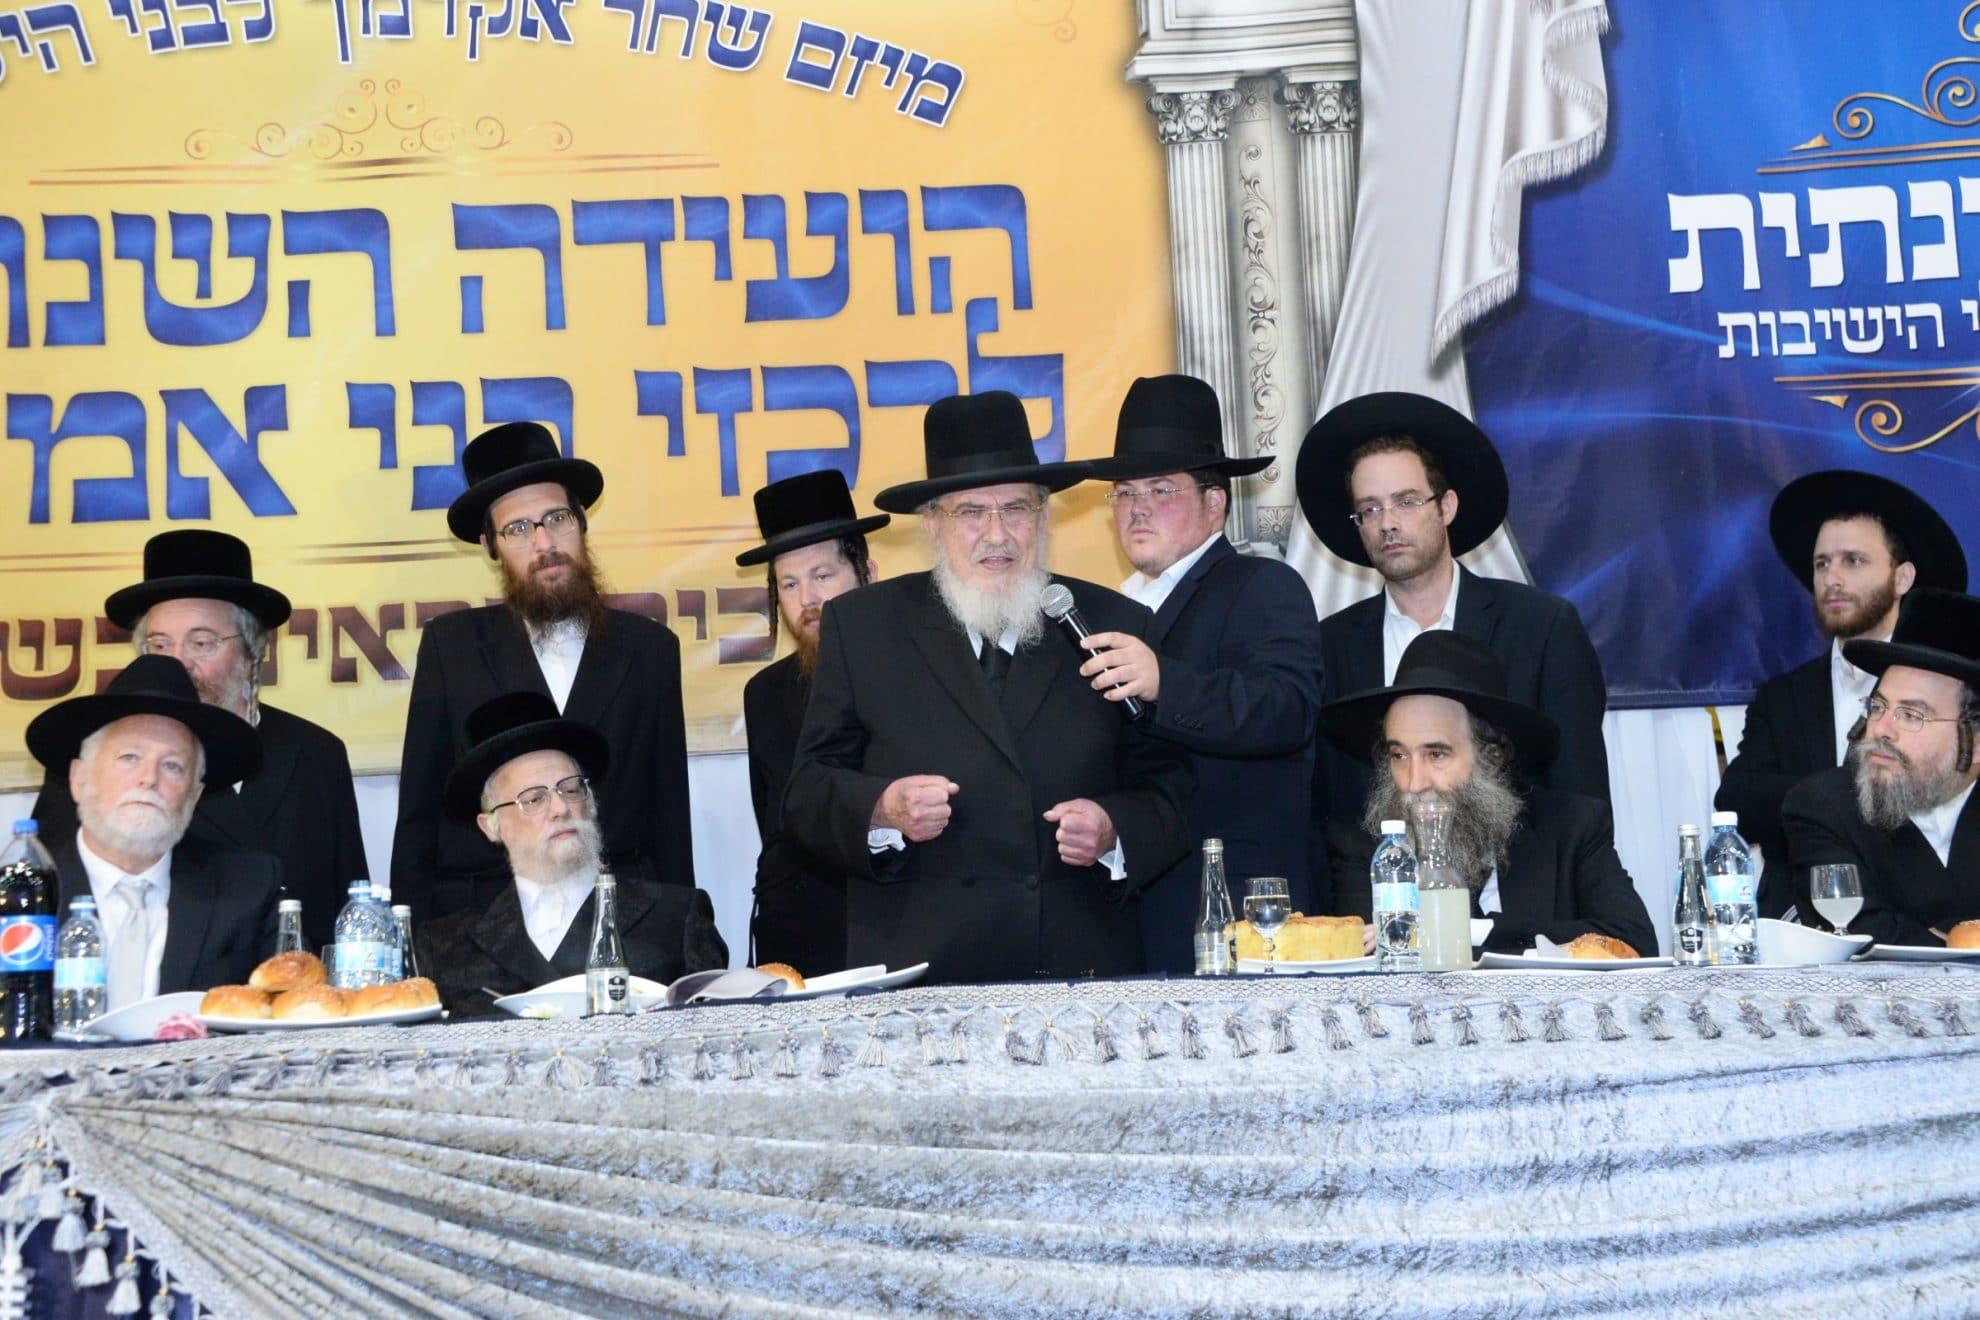 הגאון רבי ברוך מרדכי אזרחי ר''י עטרת ישראל נושא דברים